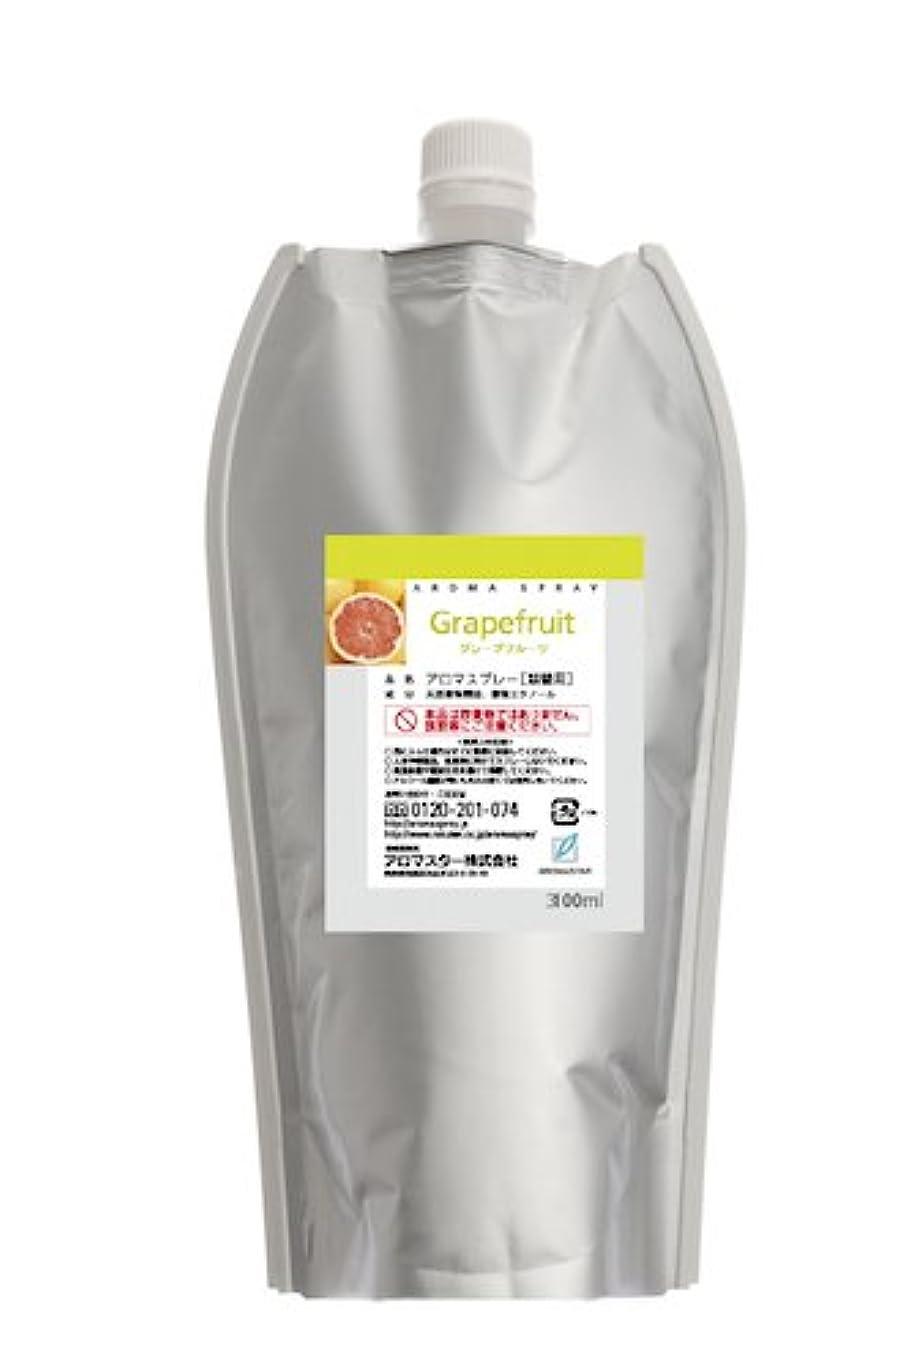 ゼロバクテリア市場AROMASTAR(アロマスター) アロマスプレー グレープフルーツ 300ml詰替用(エコパック)